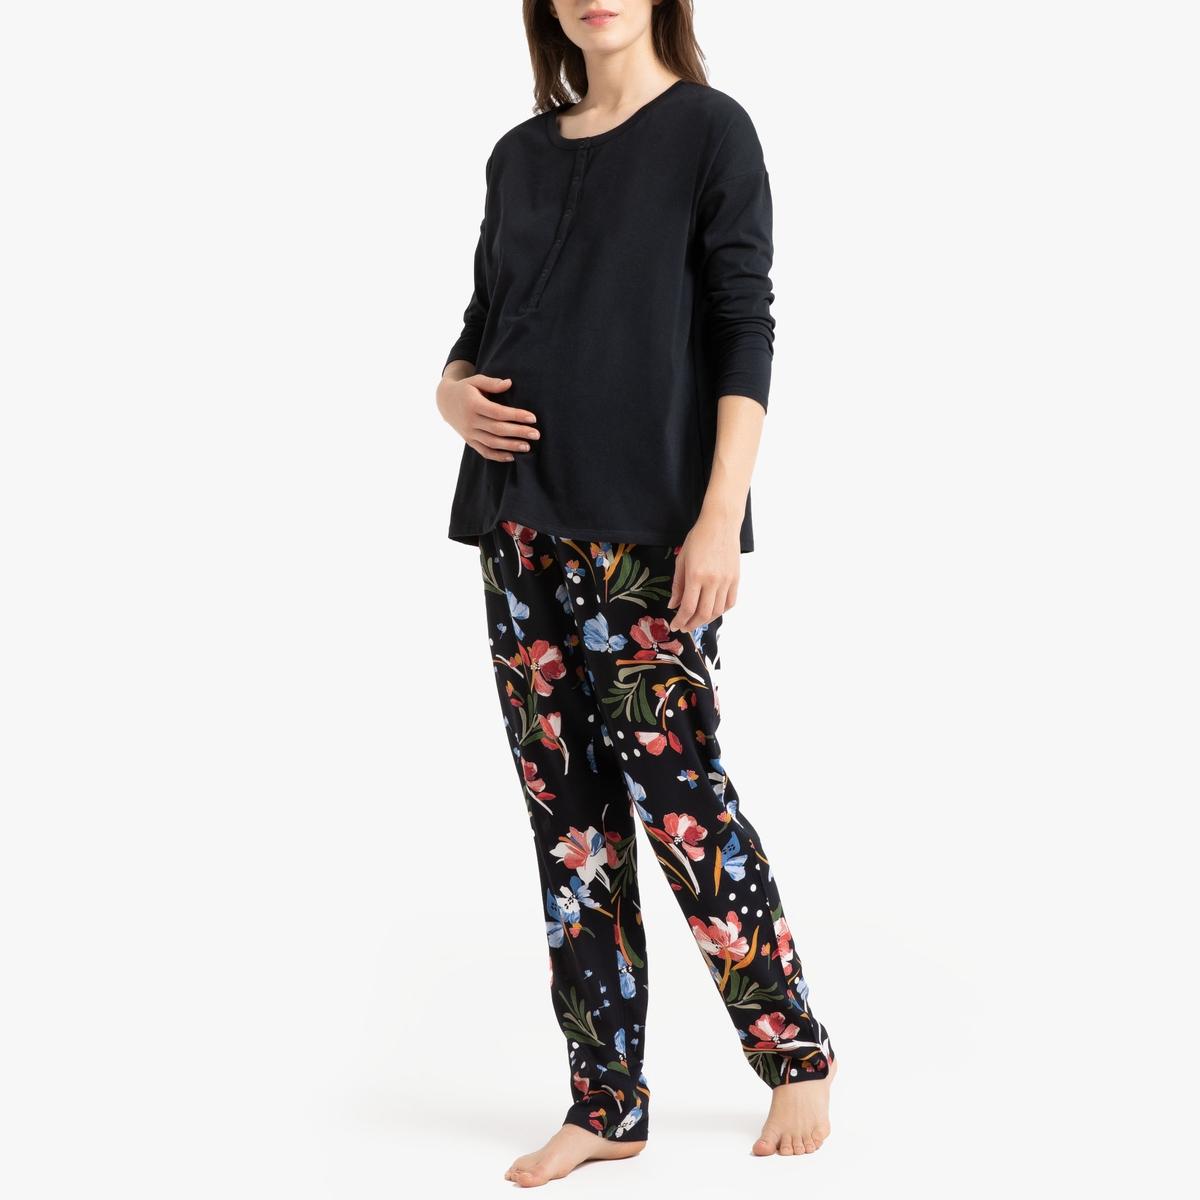 Пижама La Redoute Для периода беременности и грудного вскармливания 34 (FR) - 40 (RUS) черный джинсы la redoute узкие для периода беременности 36 fr 42 rus серый